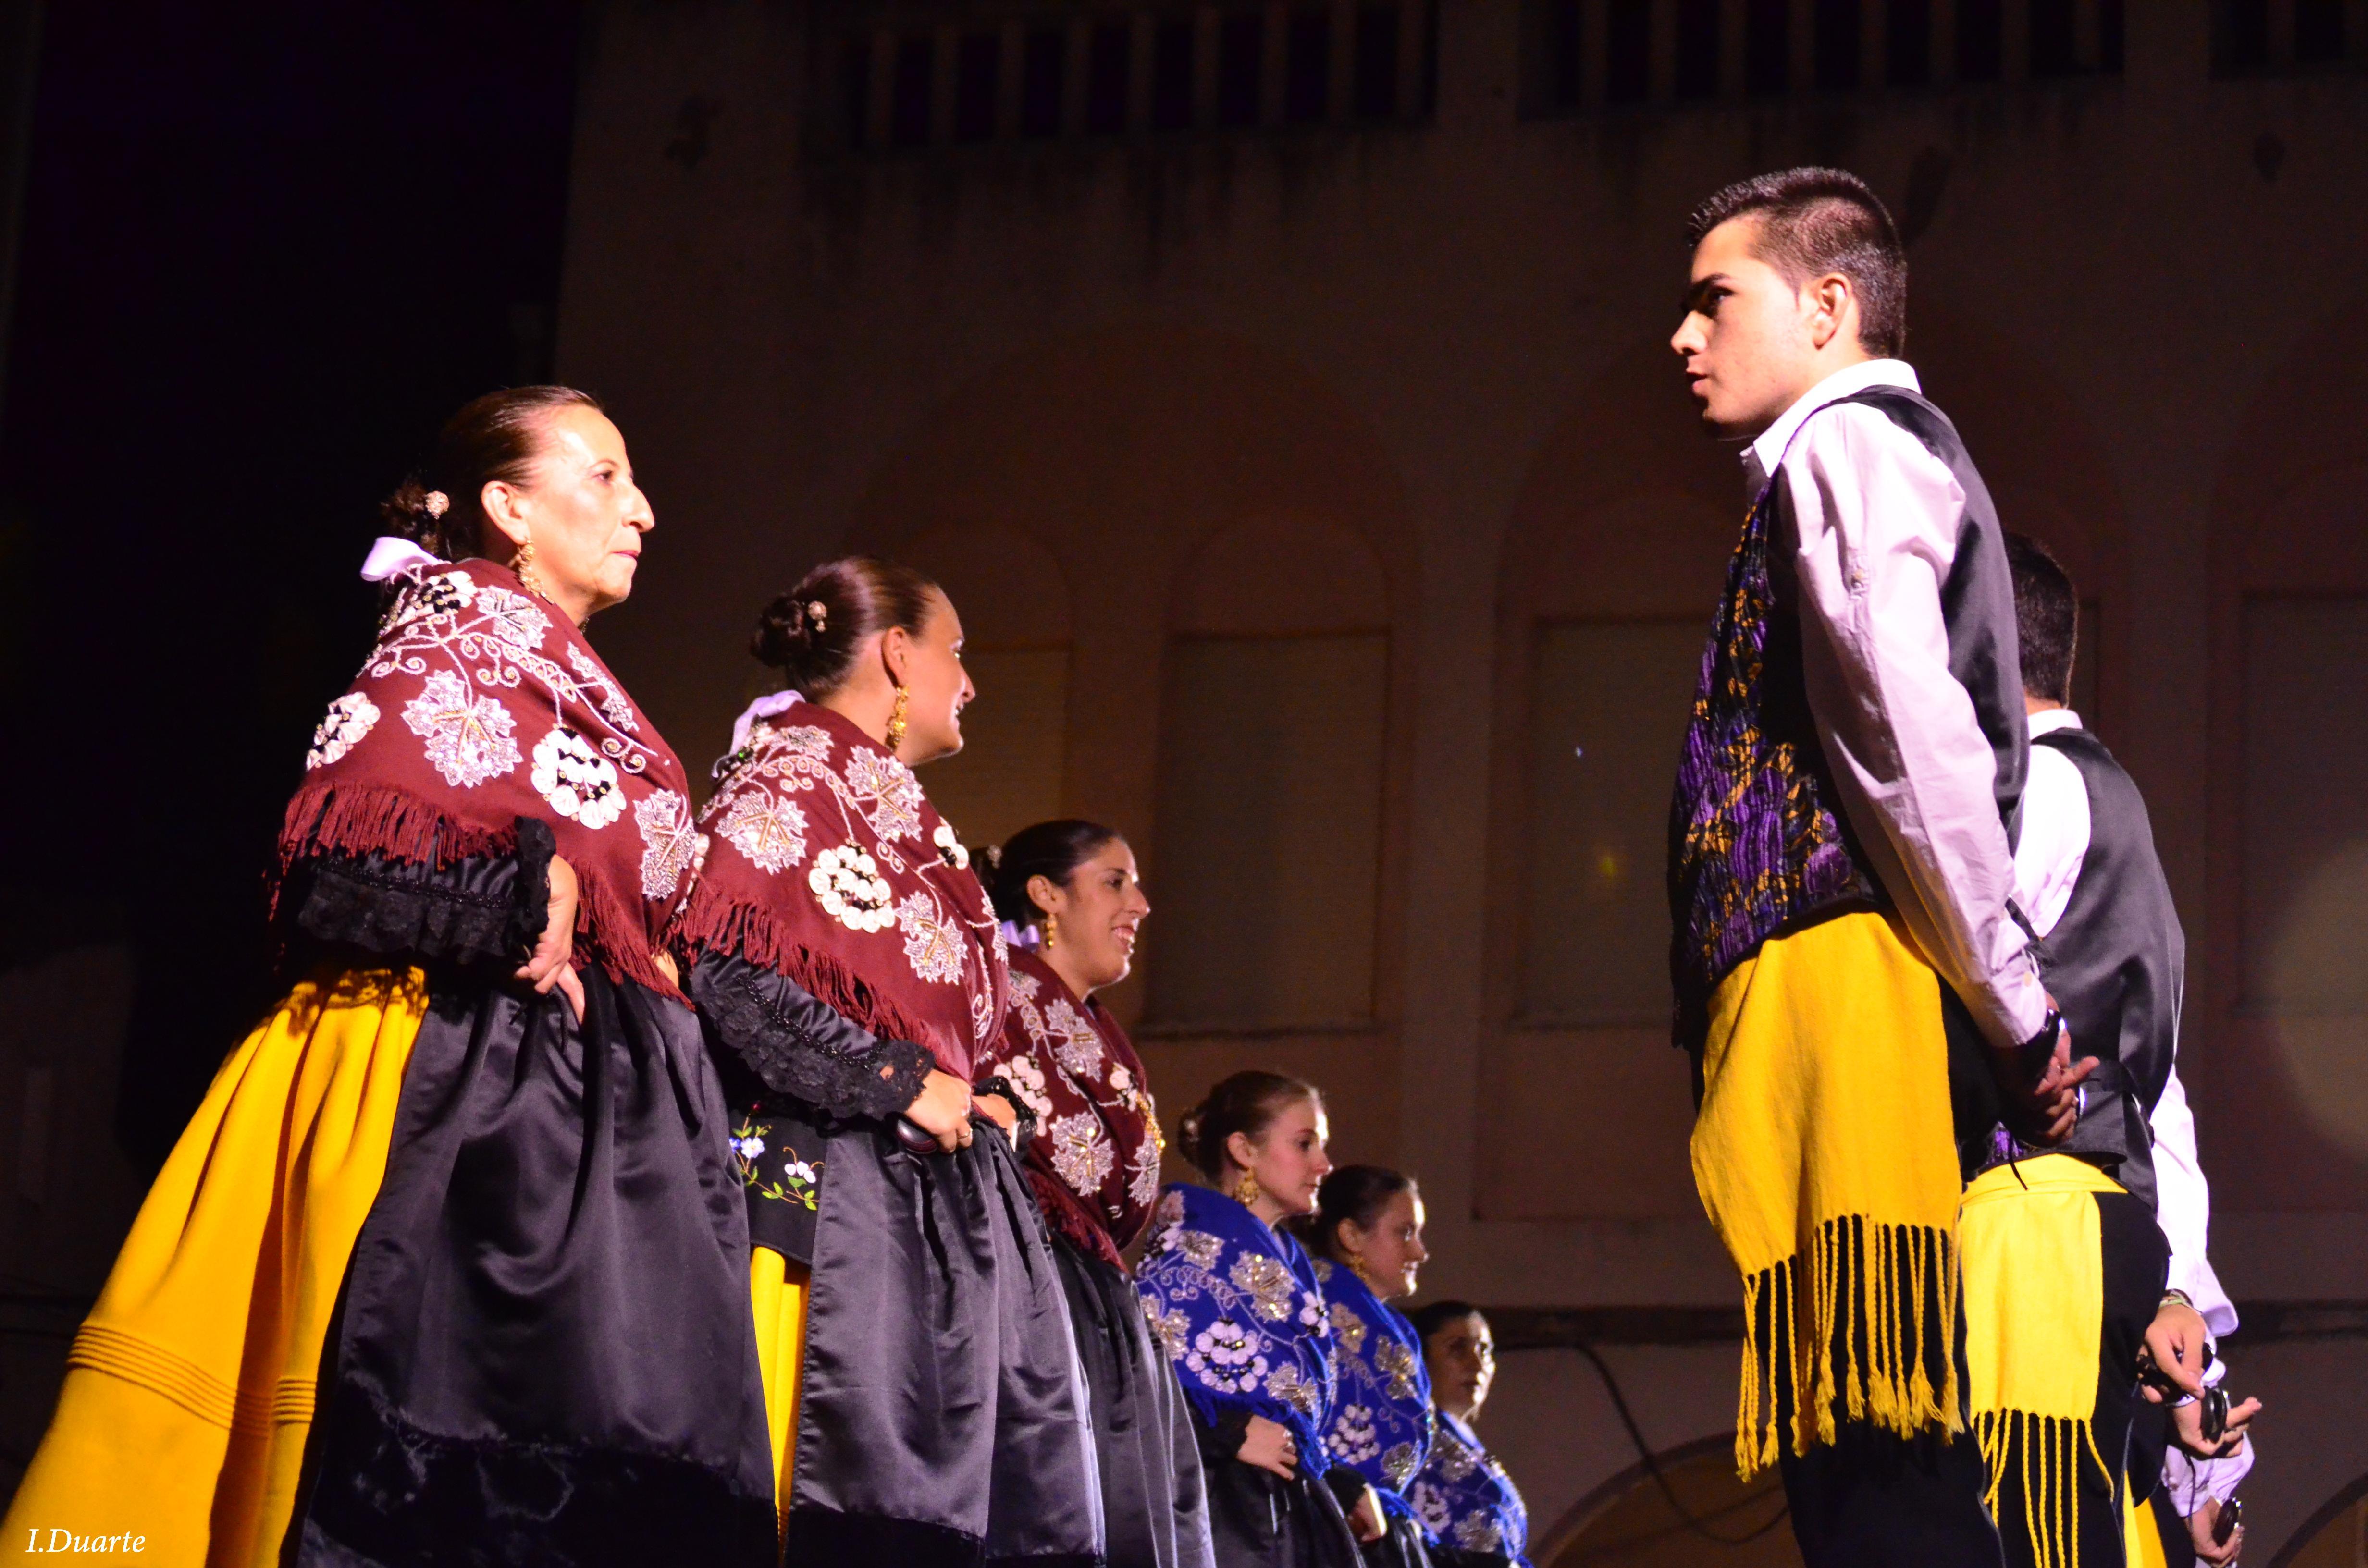 El Grupo Local de Coros y Danzas estuvo presente el pasado sábado en Portezuelo